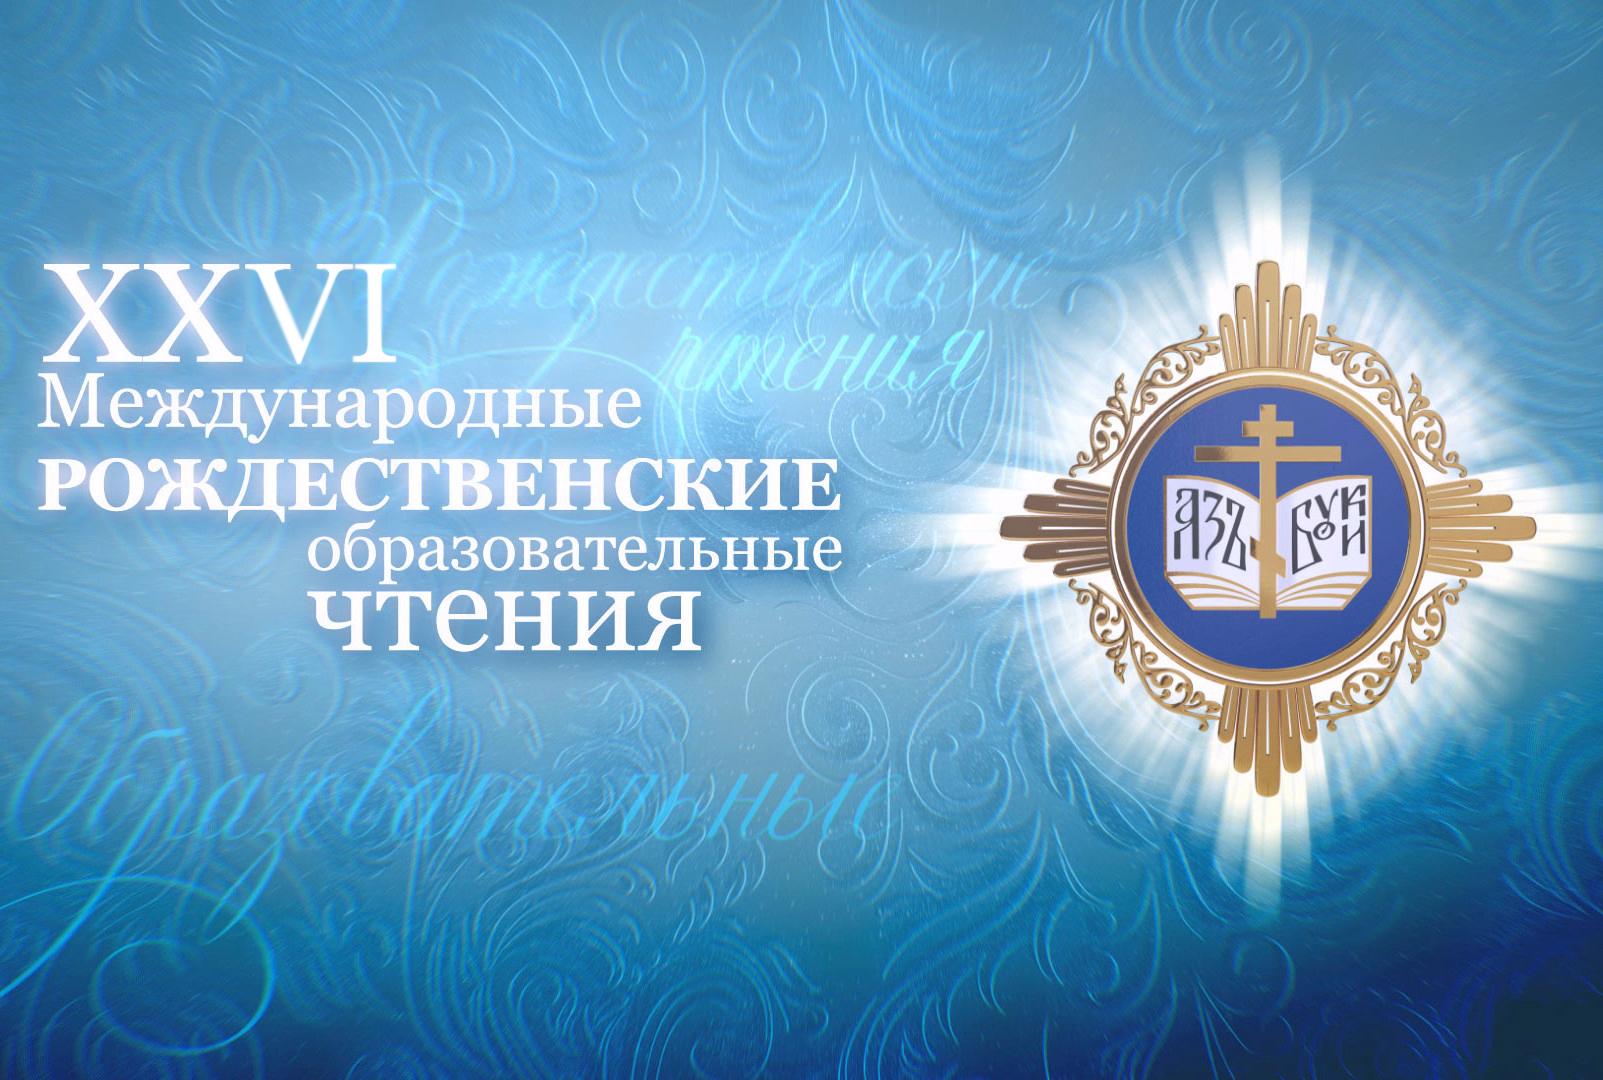 Выступление президента Фонда А.Г. Сухарева на  XXVI МЕЖДУНАРОДНЫХ РОЖДЕСТВЕНСКИХ ОБРАЗОВАТЕЛЬНЫХ ЧТЕНИЯХ